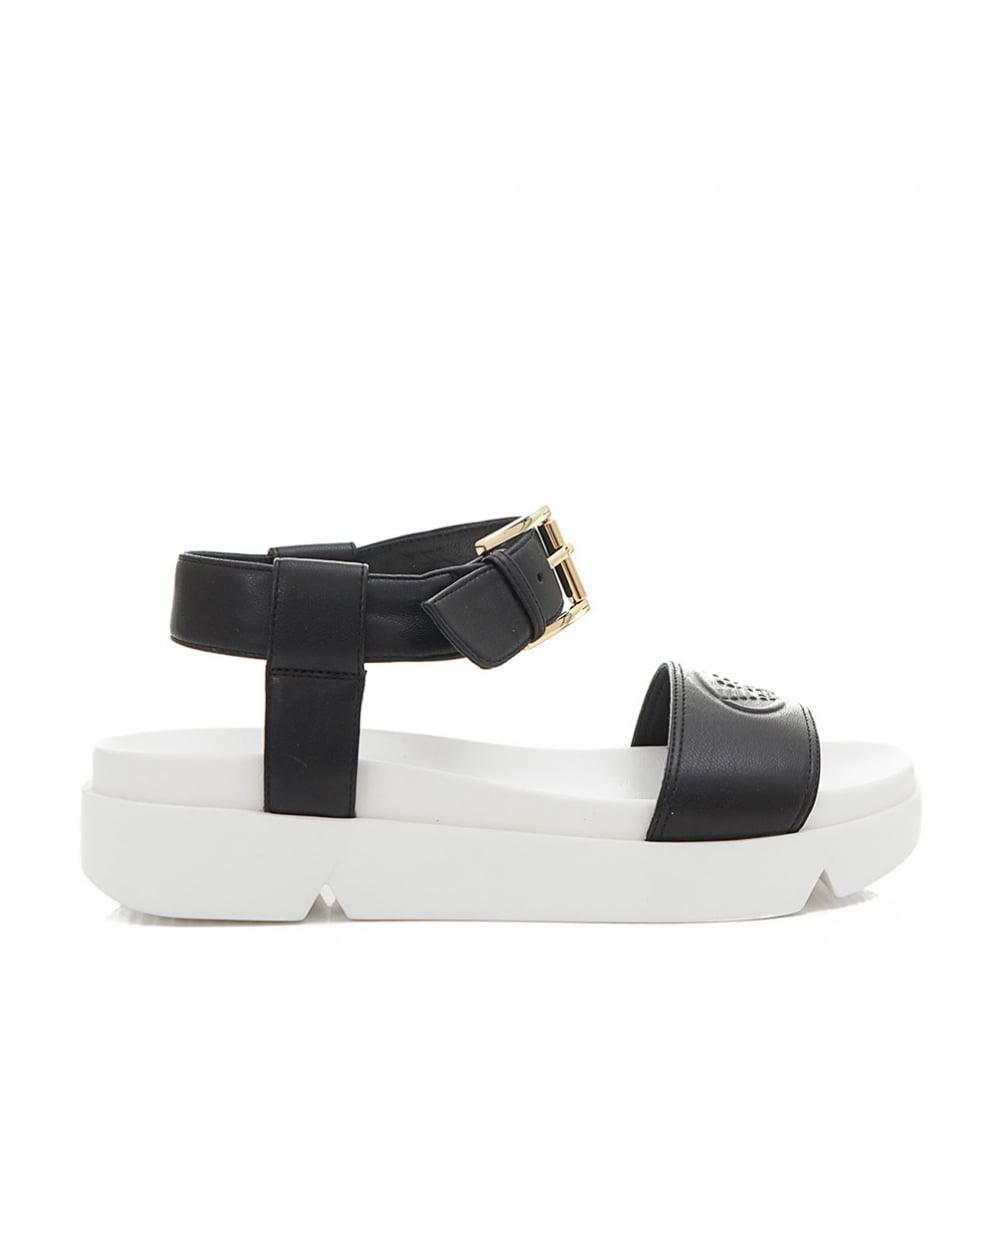 Emporio Armani Eagle Logo Wedge Sandals in Black - Lyst b43a42b85a9